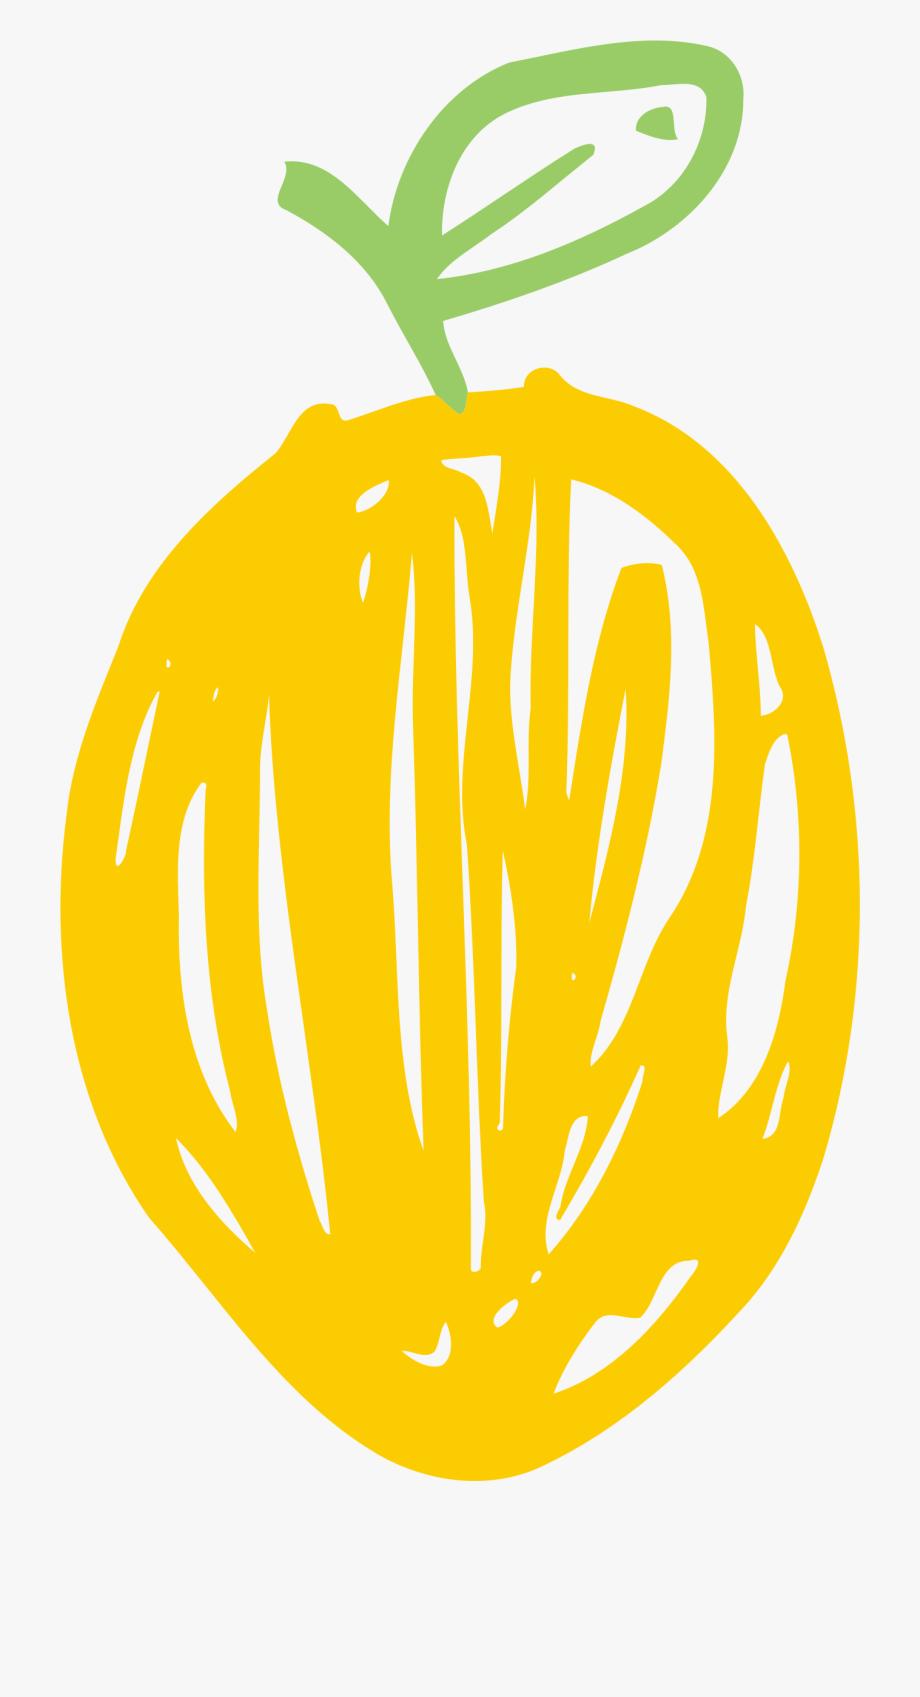 Lemons Clipart Yellow Vegetable.